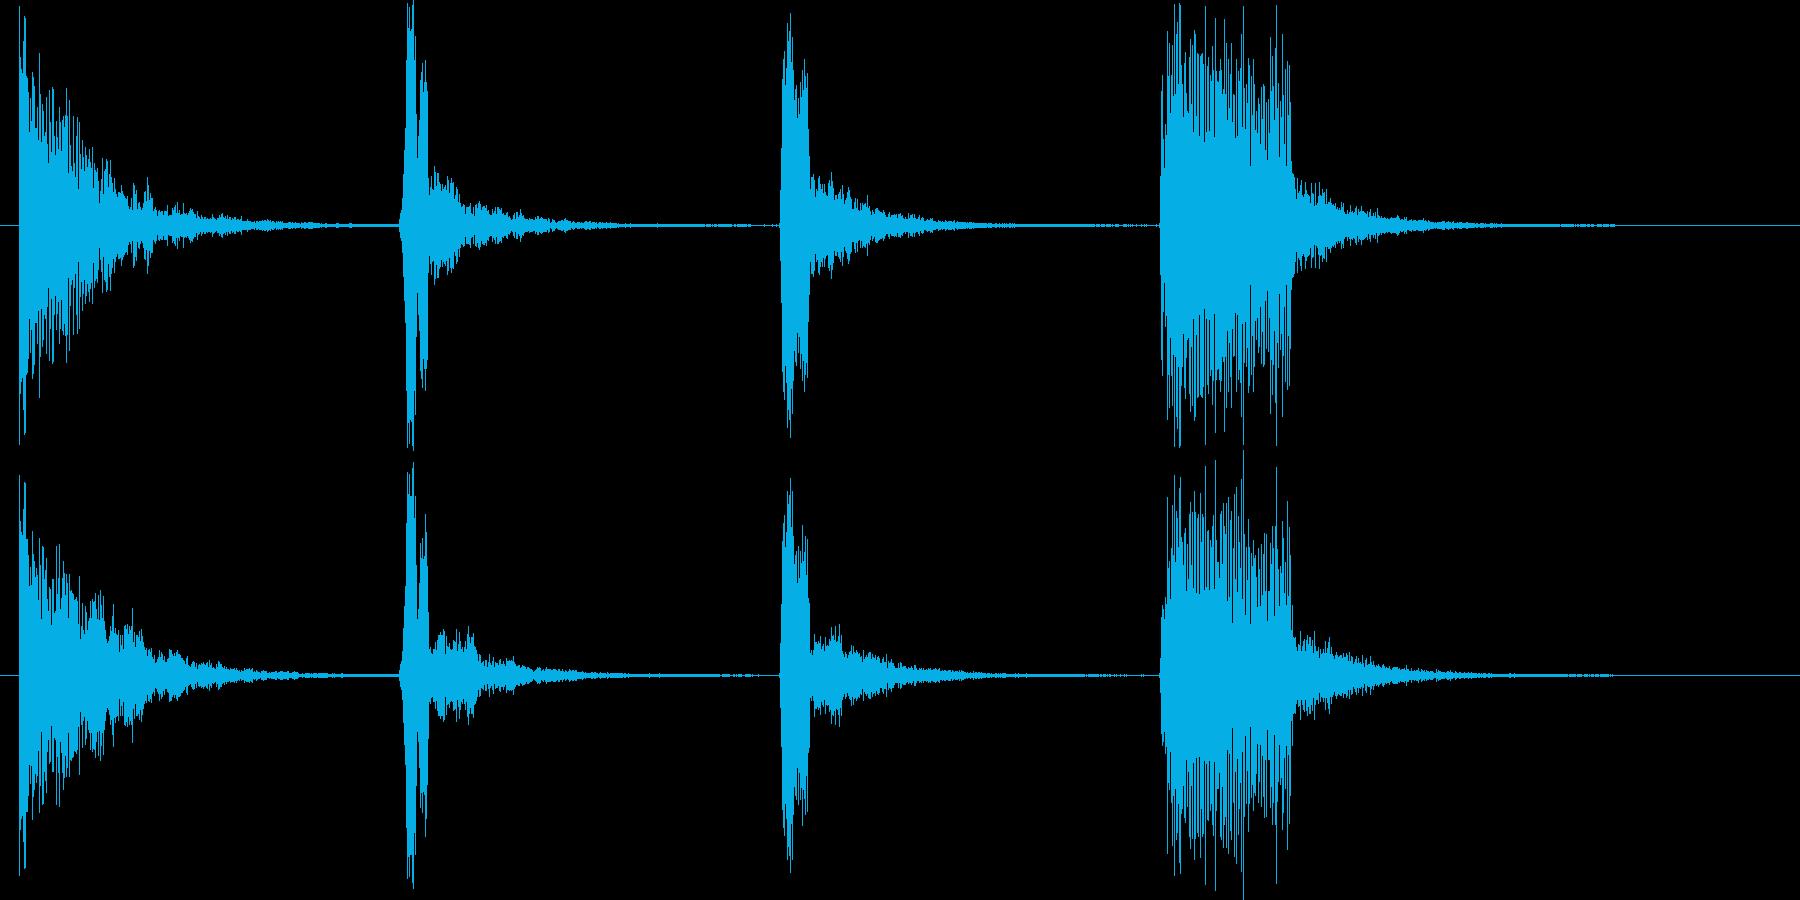 不思議な世界観を演出できる音の連なりの再生済みの波形